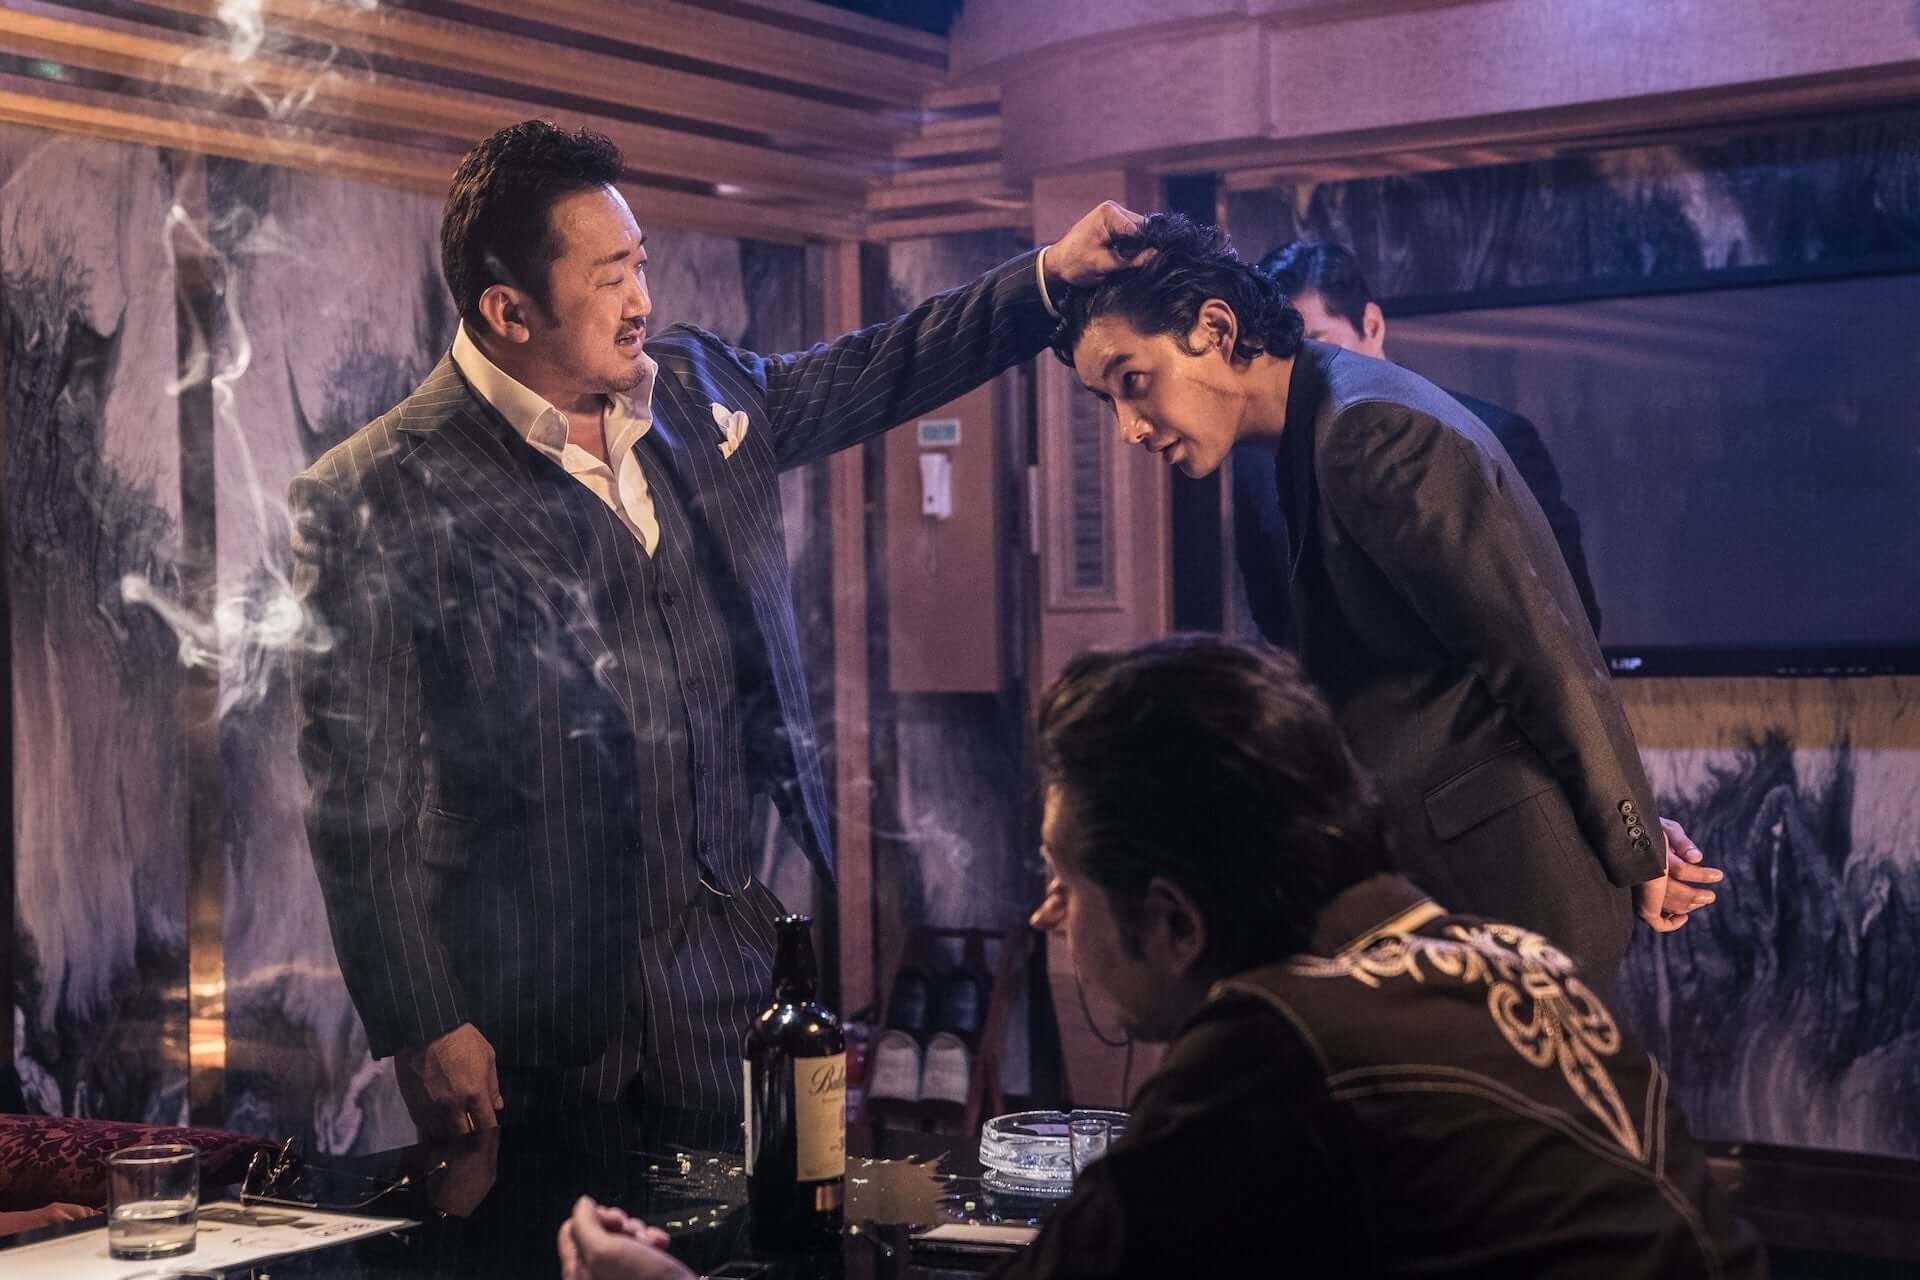 隣の席にマ・ドンソク現る!異例の大ヒットを遂げた韓国映画『悪人伝』のソーシャルディスタンスパネルが劇場に設置決定 film200619_akuninden_8-1920x1280